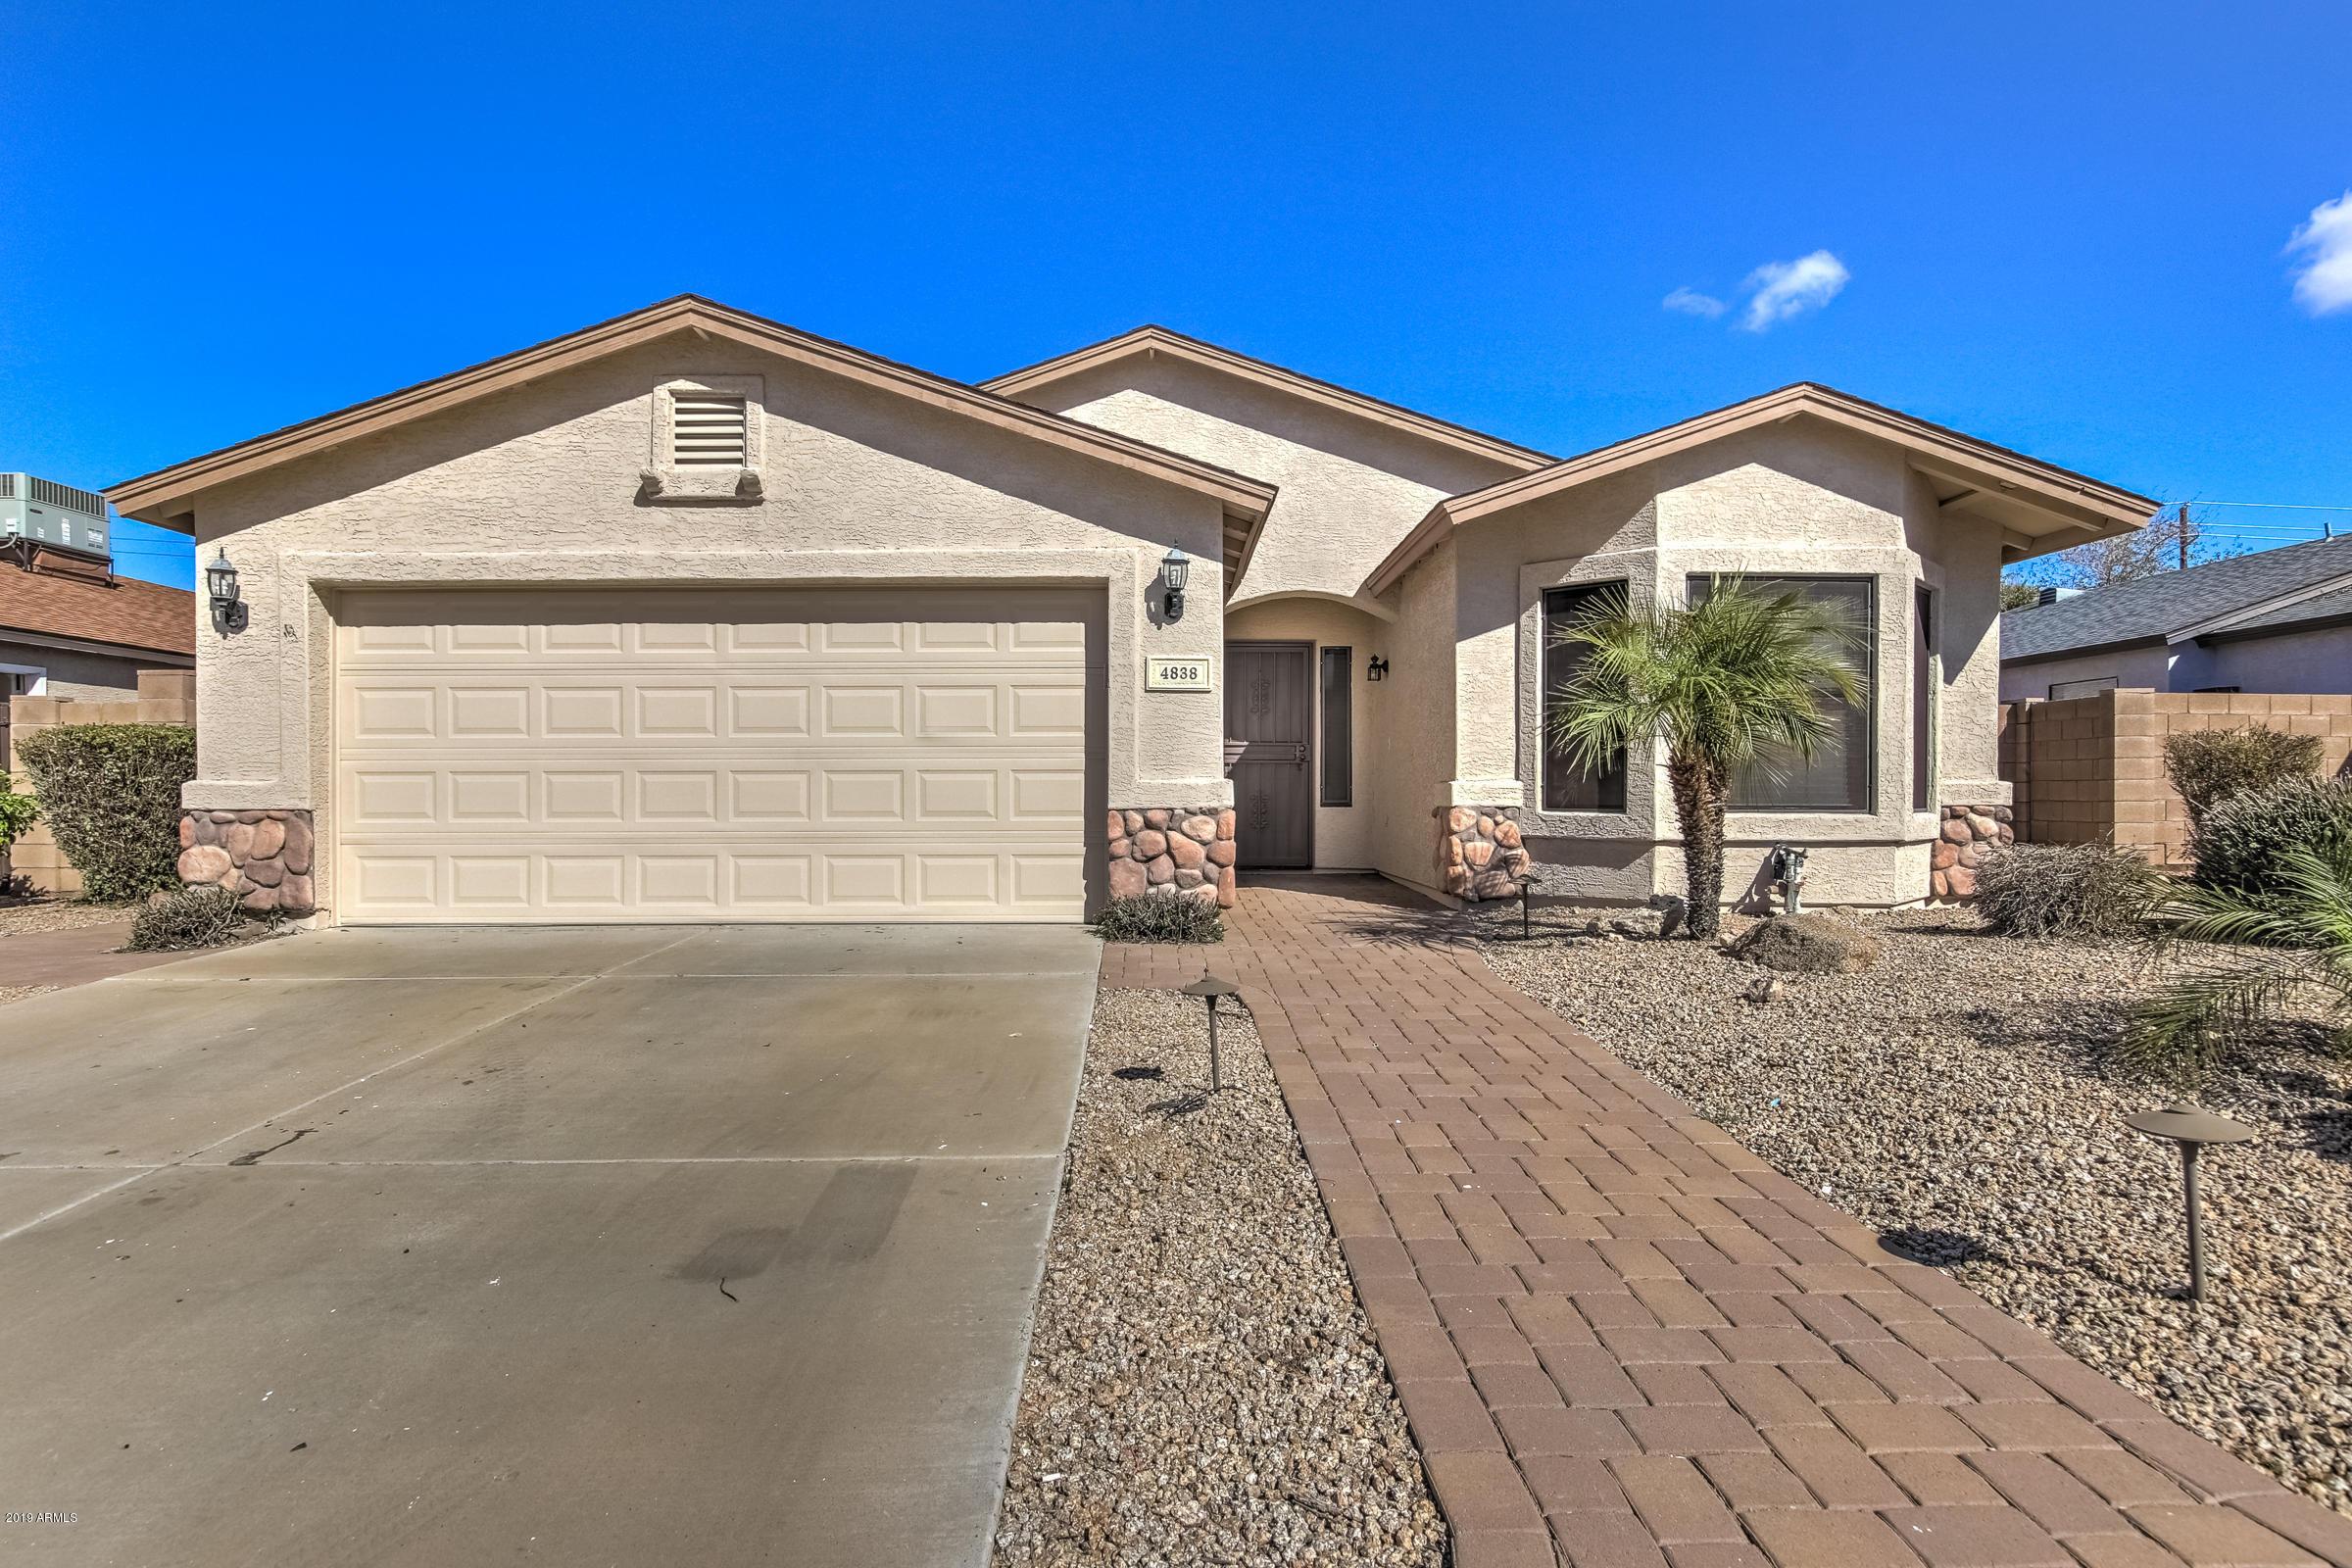 Photo of 4838 W Saint John Road, Glendale, AZ 85308